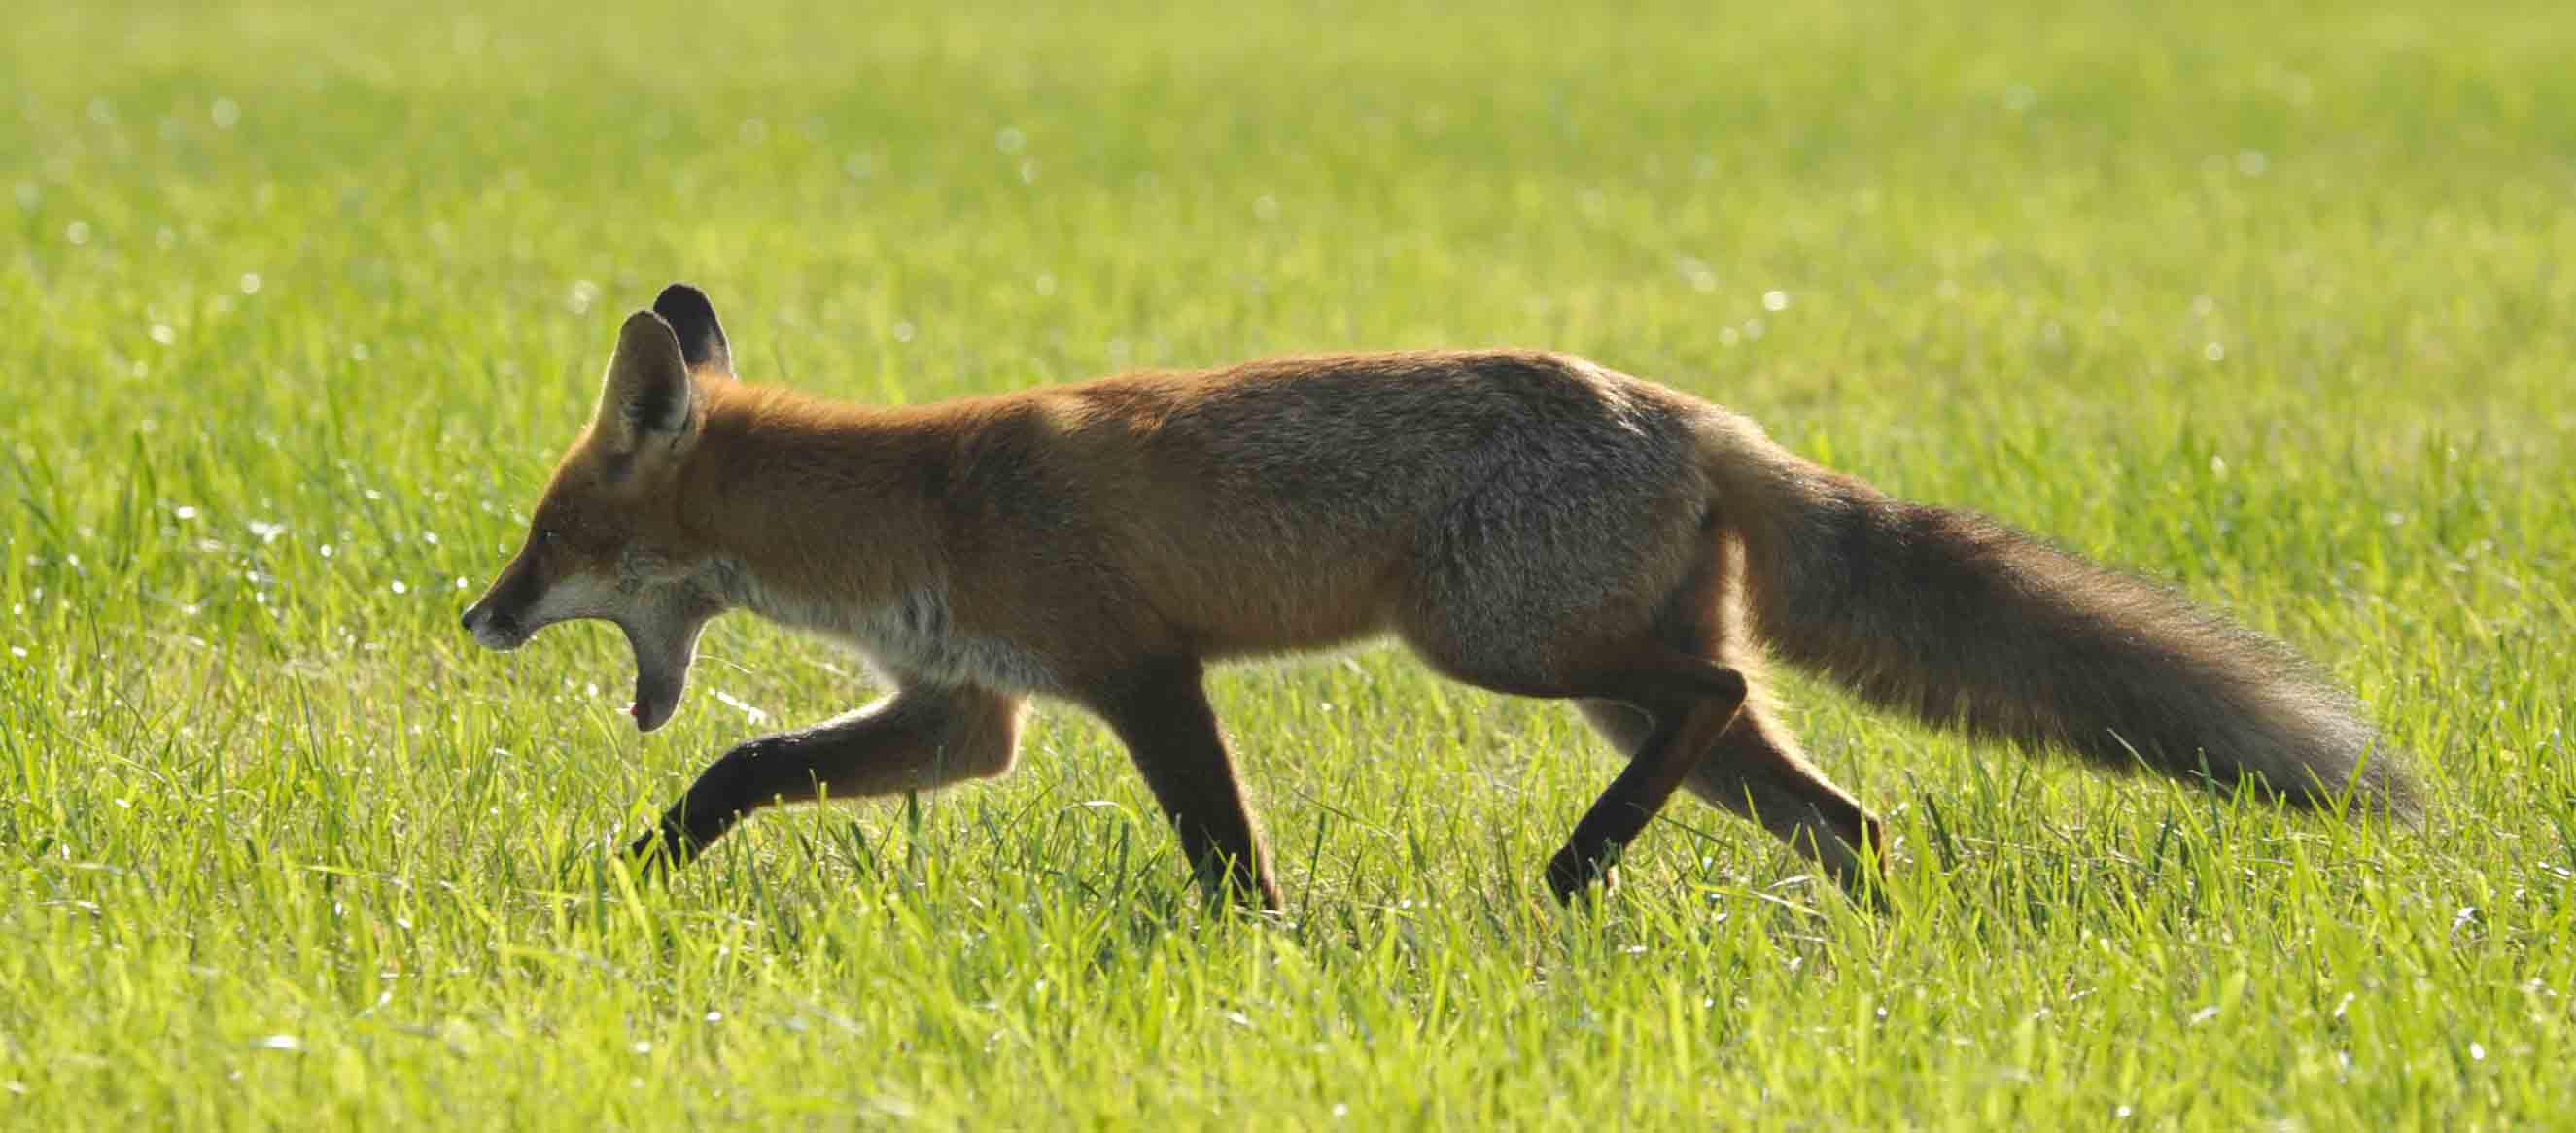 Fox (Vulpes vulpes), Darß, DE ©Johannes Ratermann